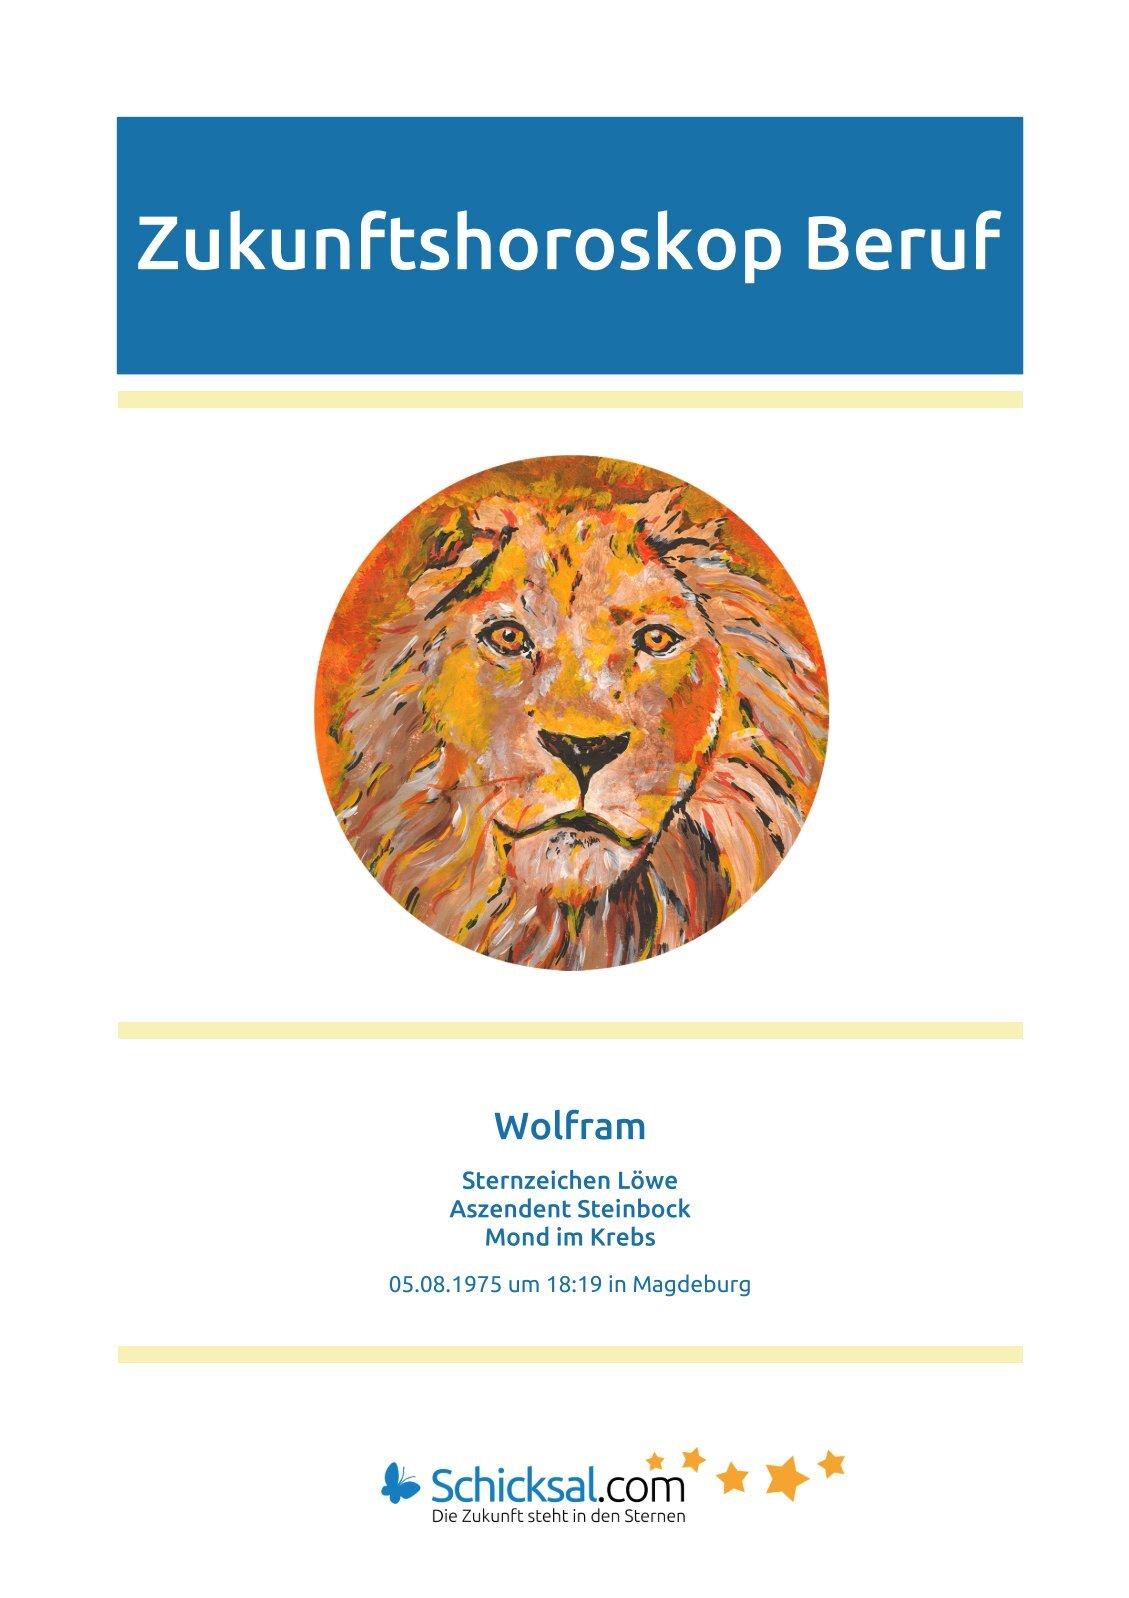 Löwe - Zukunftshoroskop - Beruf